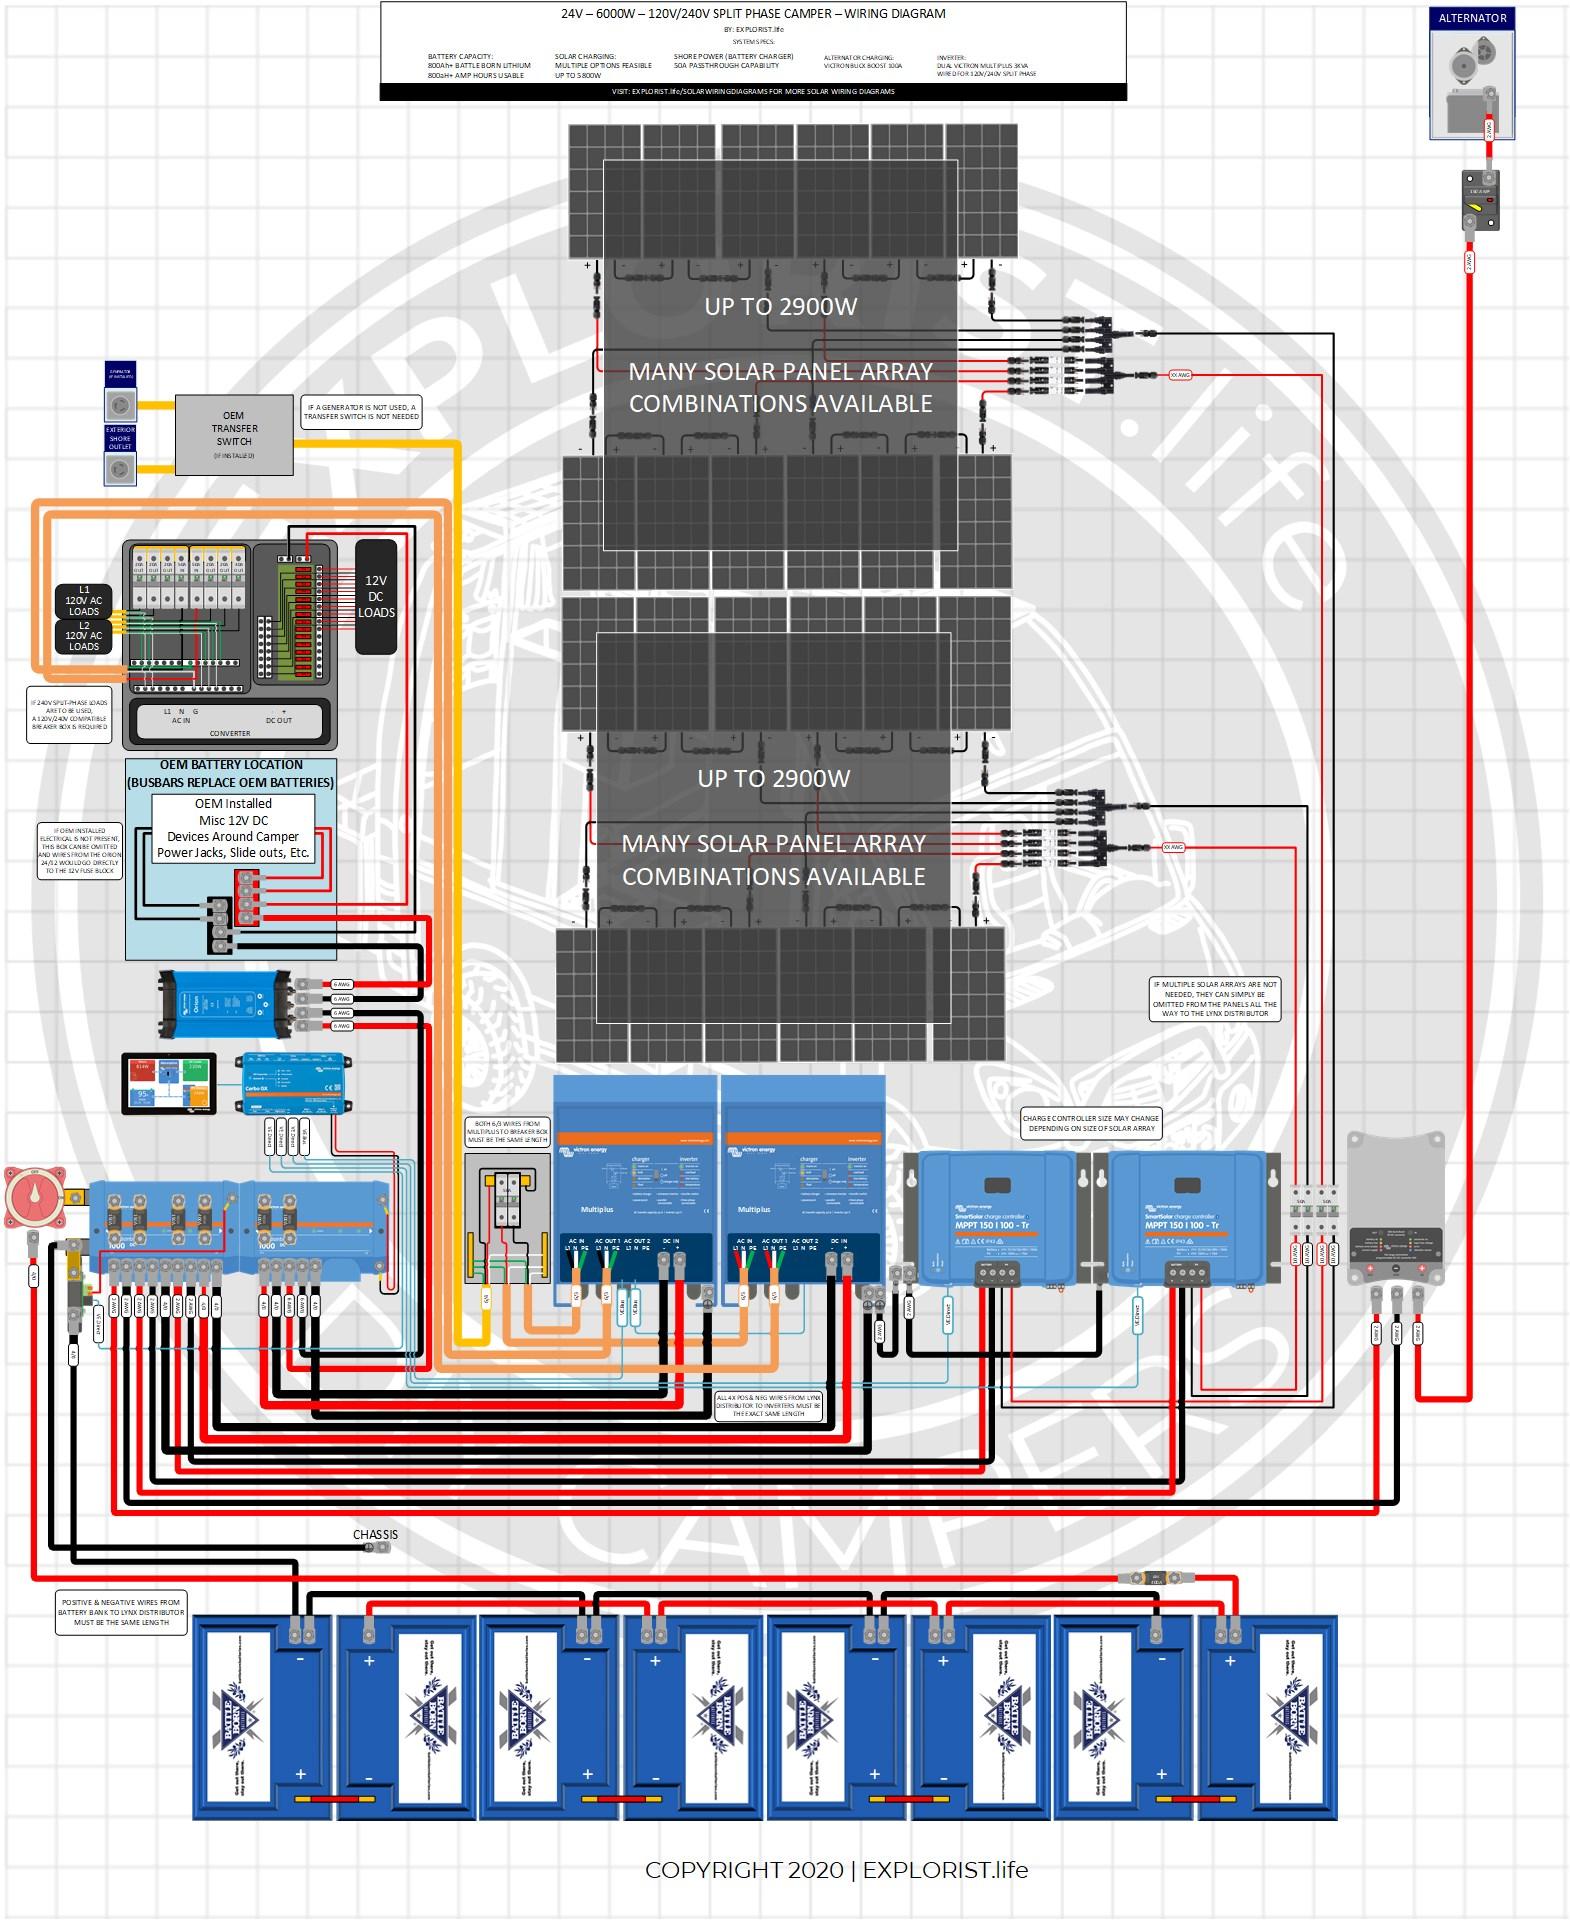 24V – 6000W – 120V/240V Split Phase Camper Solar – Wiring Diagram –  EXPLORIST.life | Split Schematic Wiring Diagrams |  | EXPLORIST.life